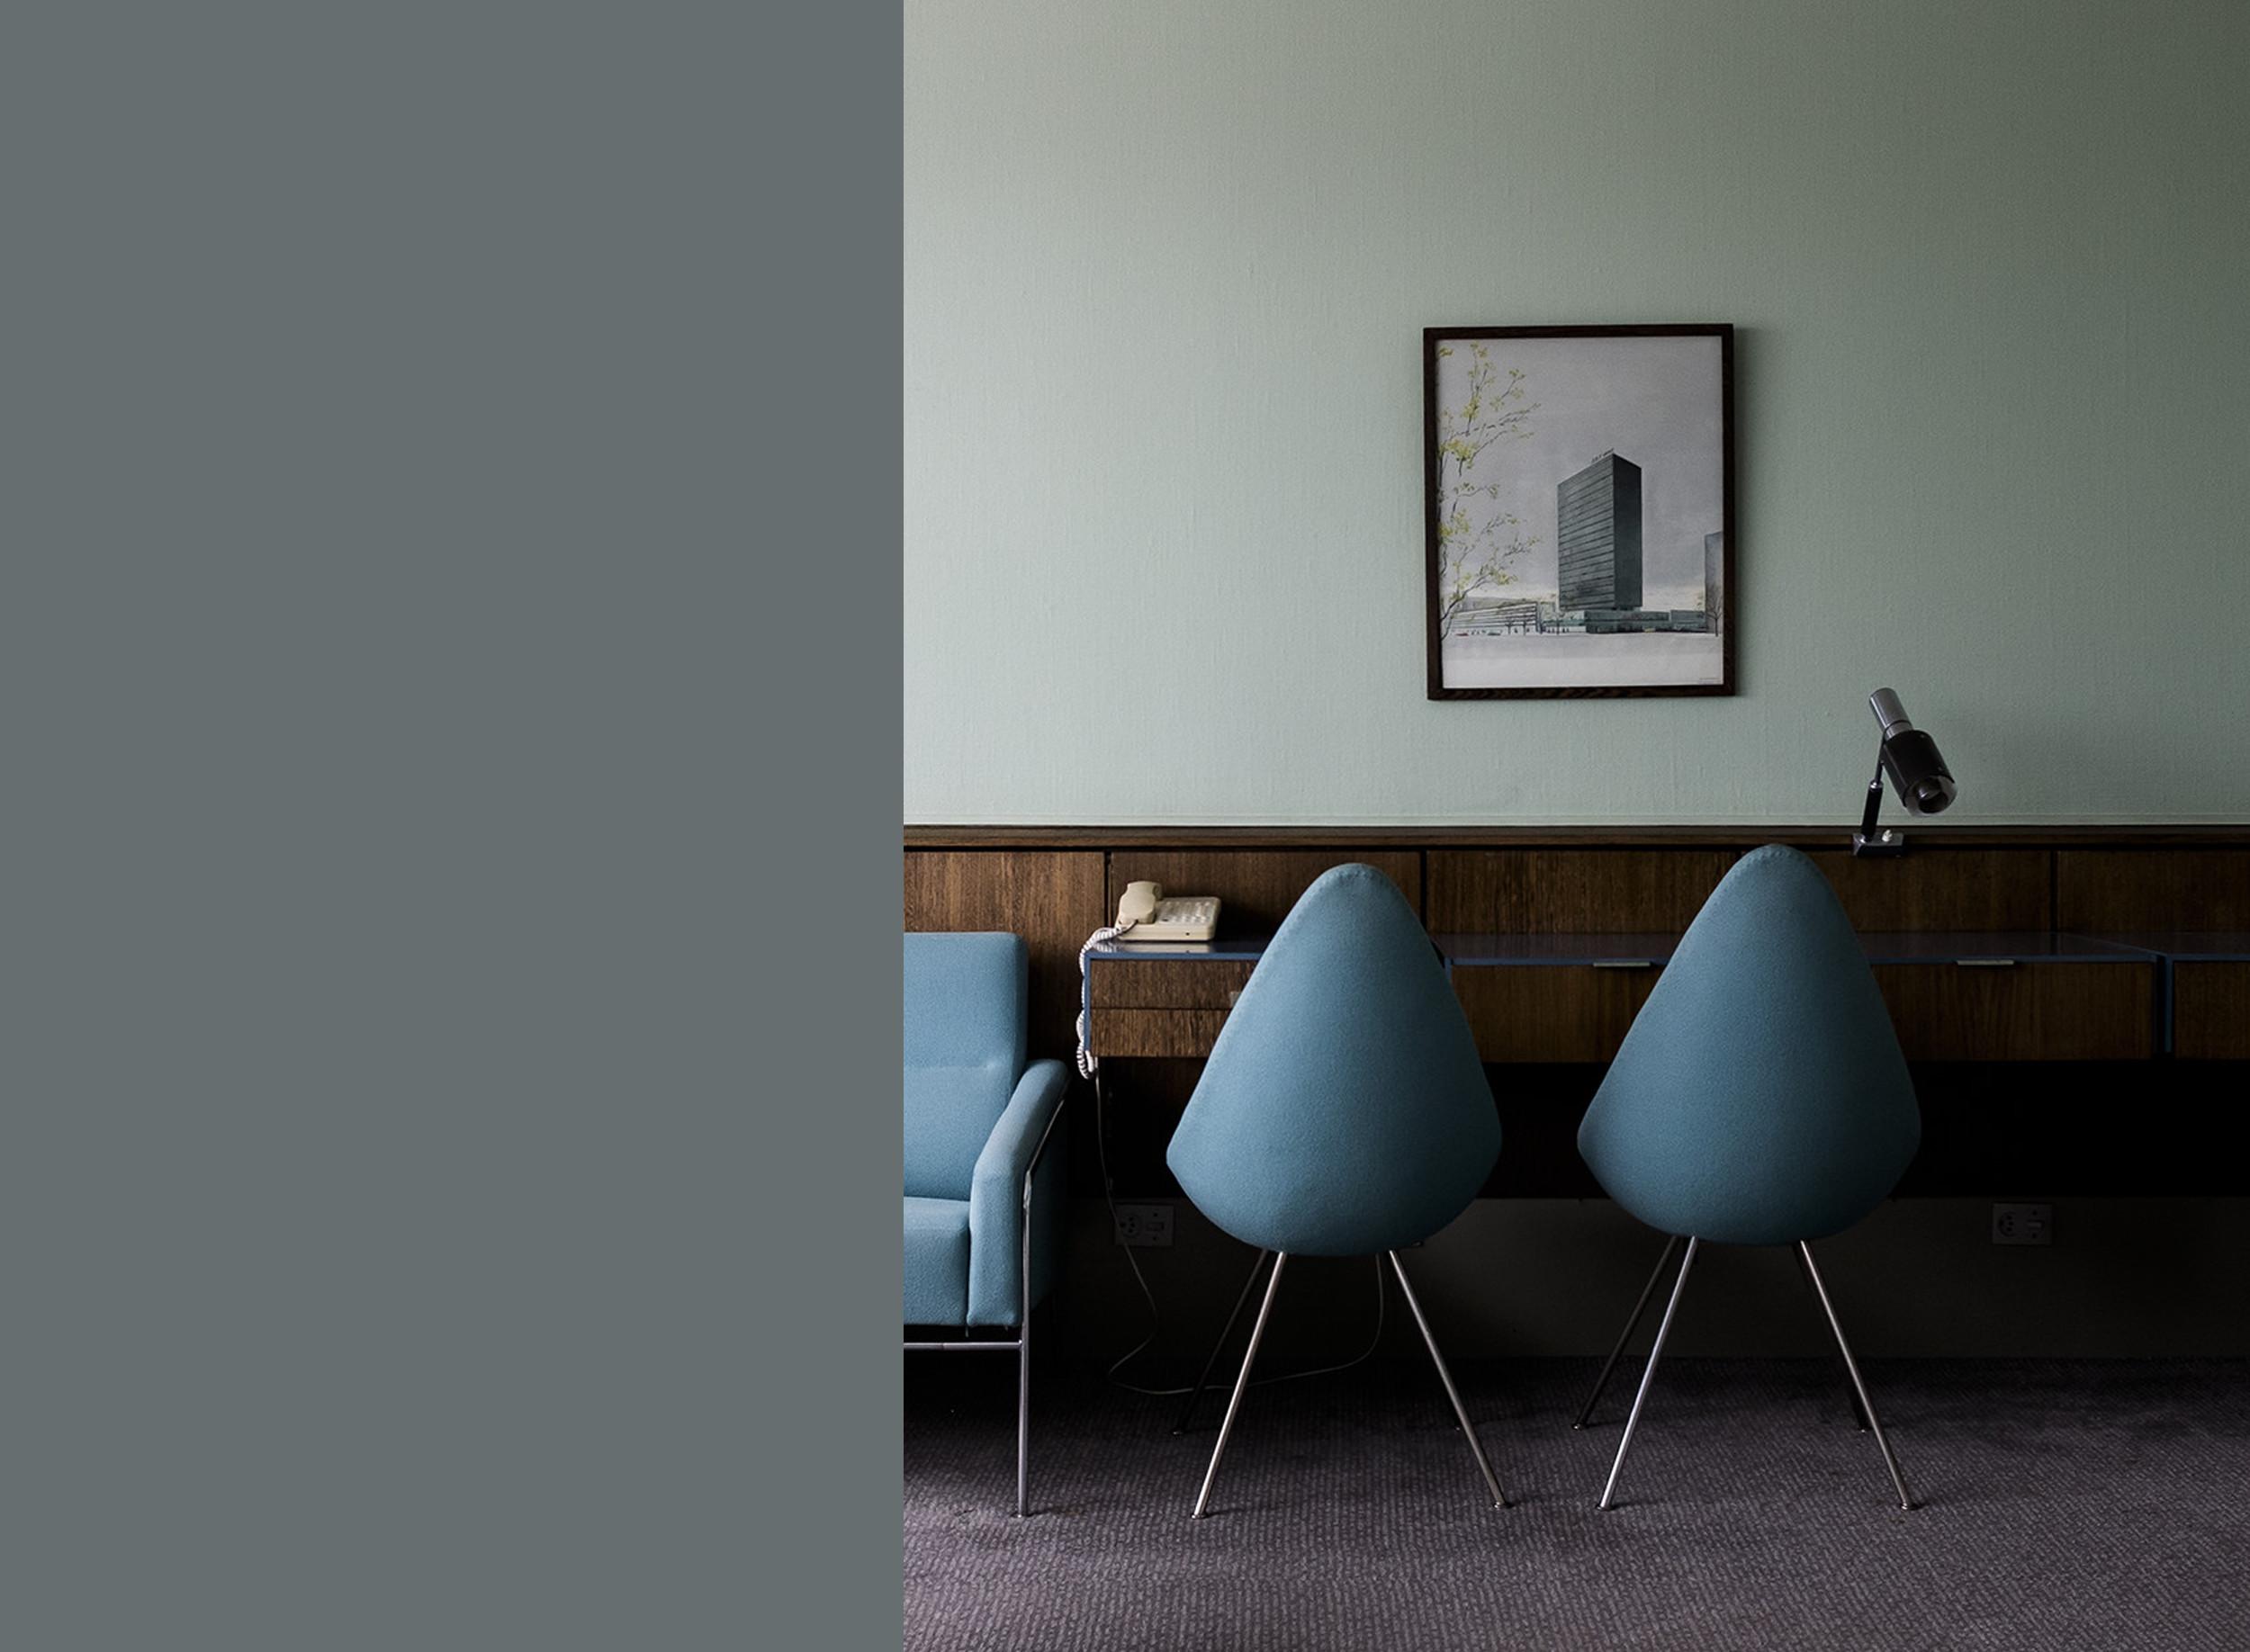 fritz hansen chair with block.jpg